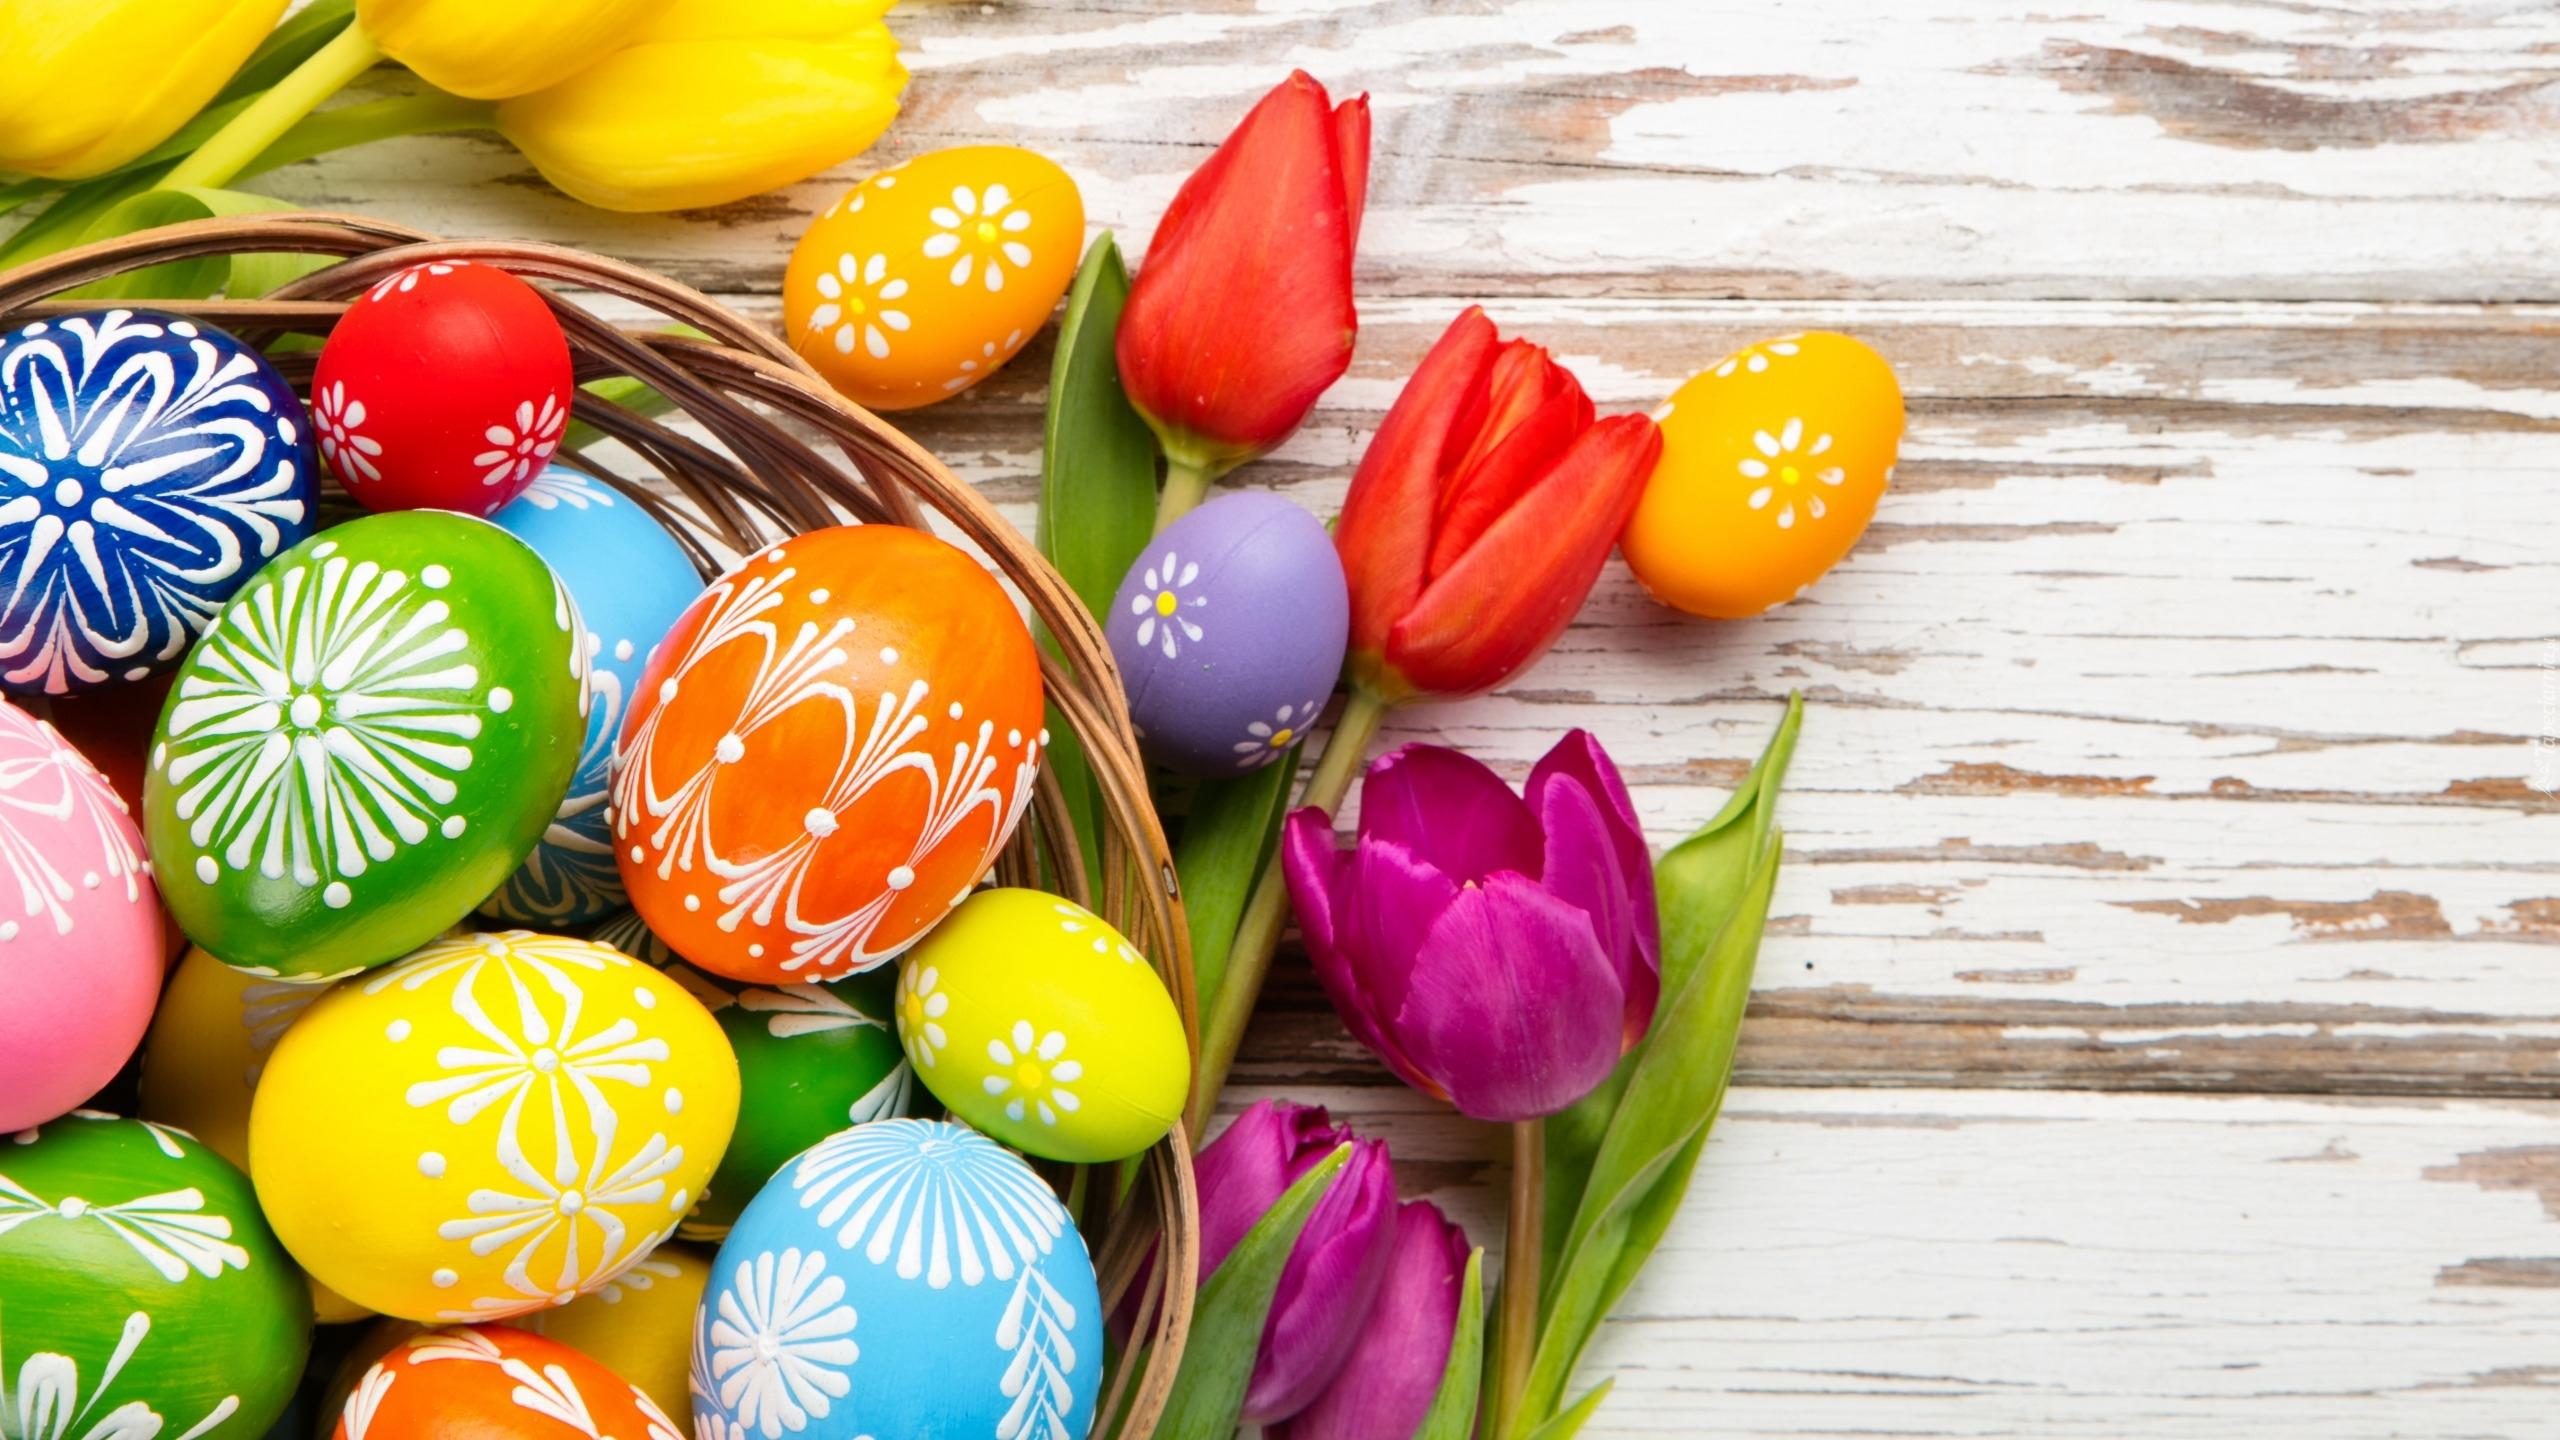 Wielkanoc, Kolorowe, Pisanki, Tulipany, Koszyk, Deski